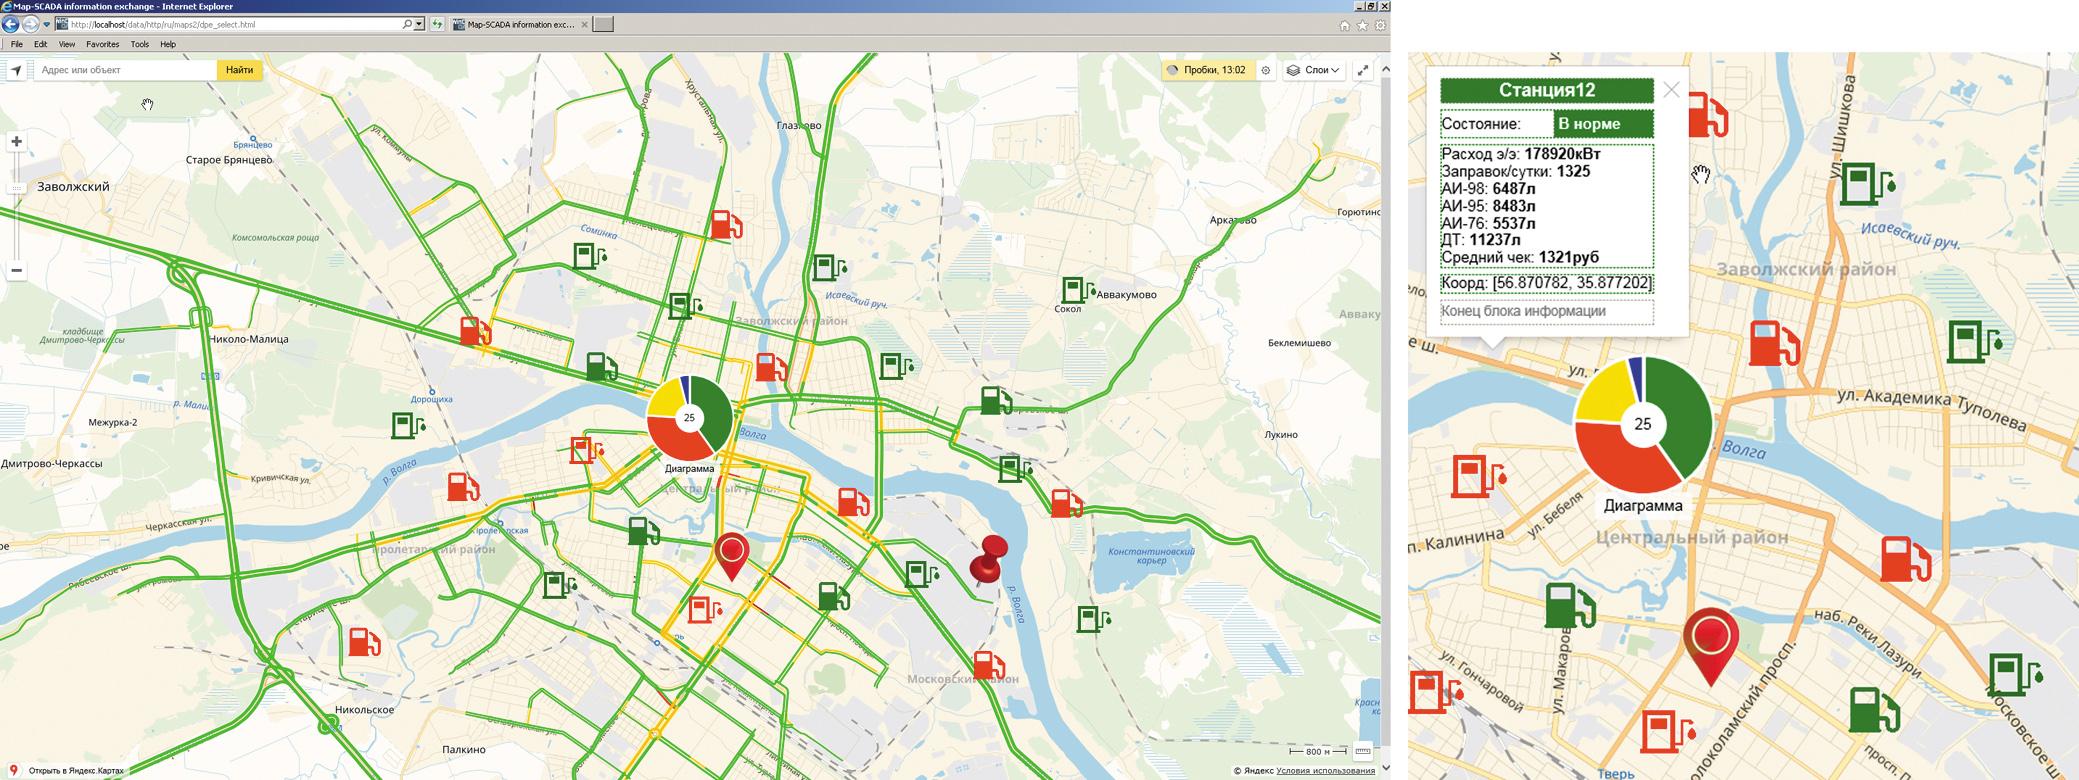 Мониторинг сети АЗС с использованием интерактивной картографии на базе WinCC OA